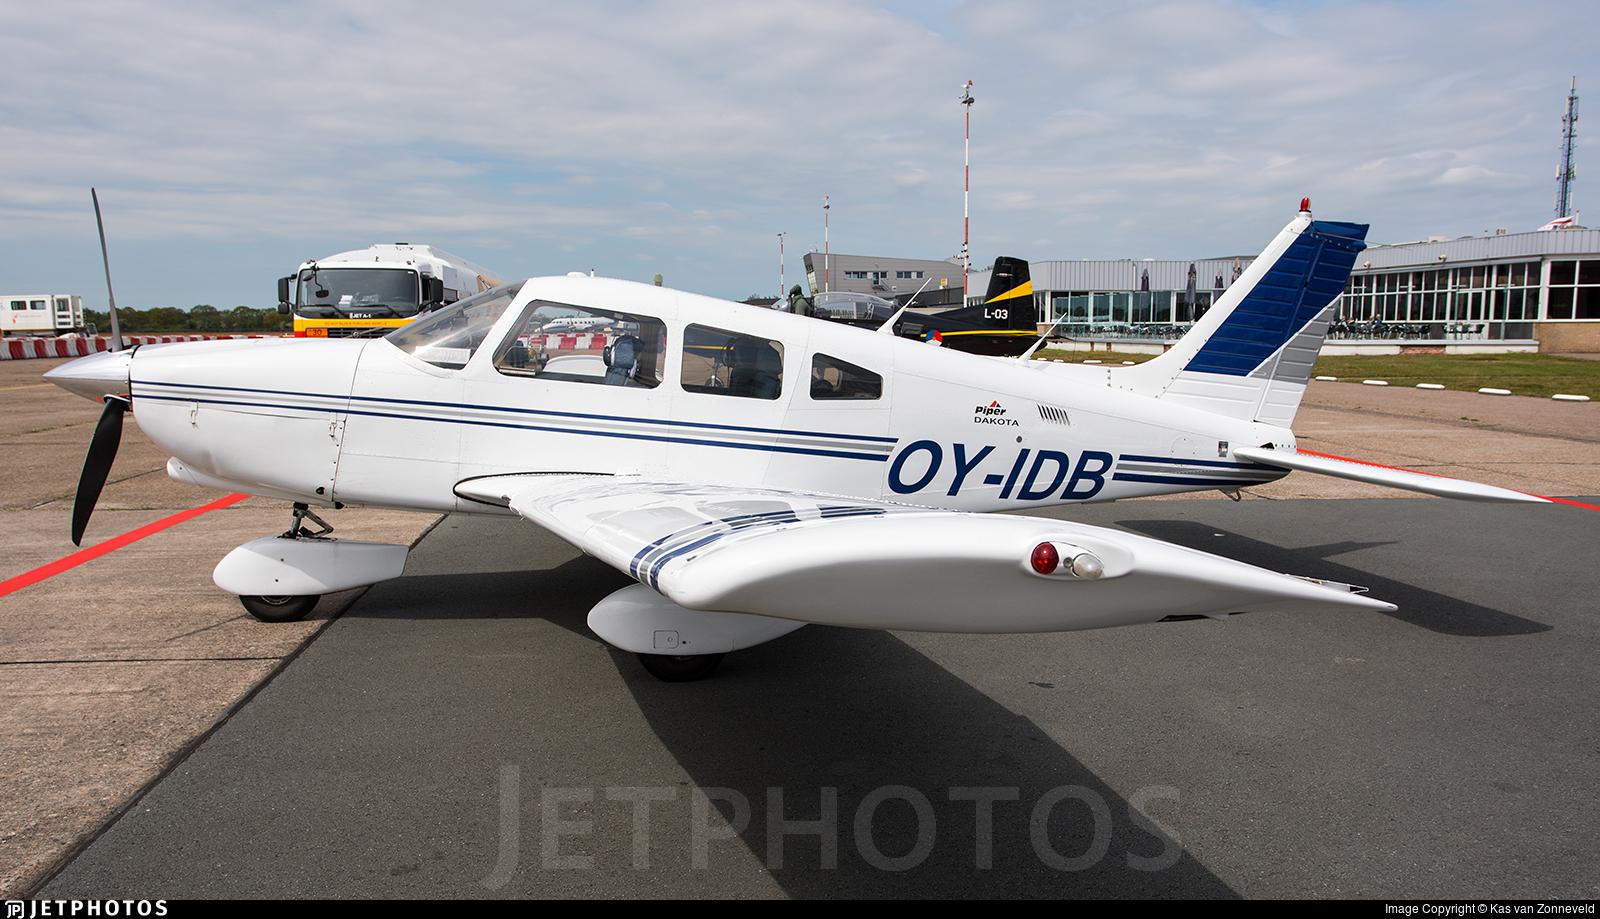 OY-IDB - Piper PA-28-236 Dakota - Private